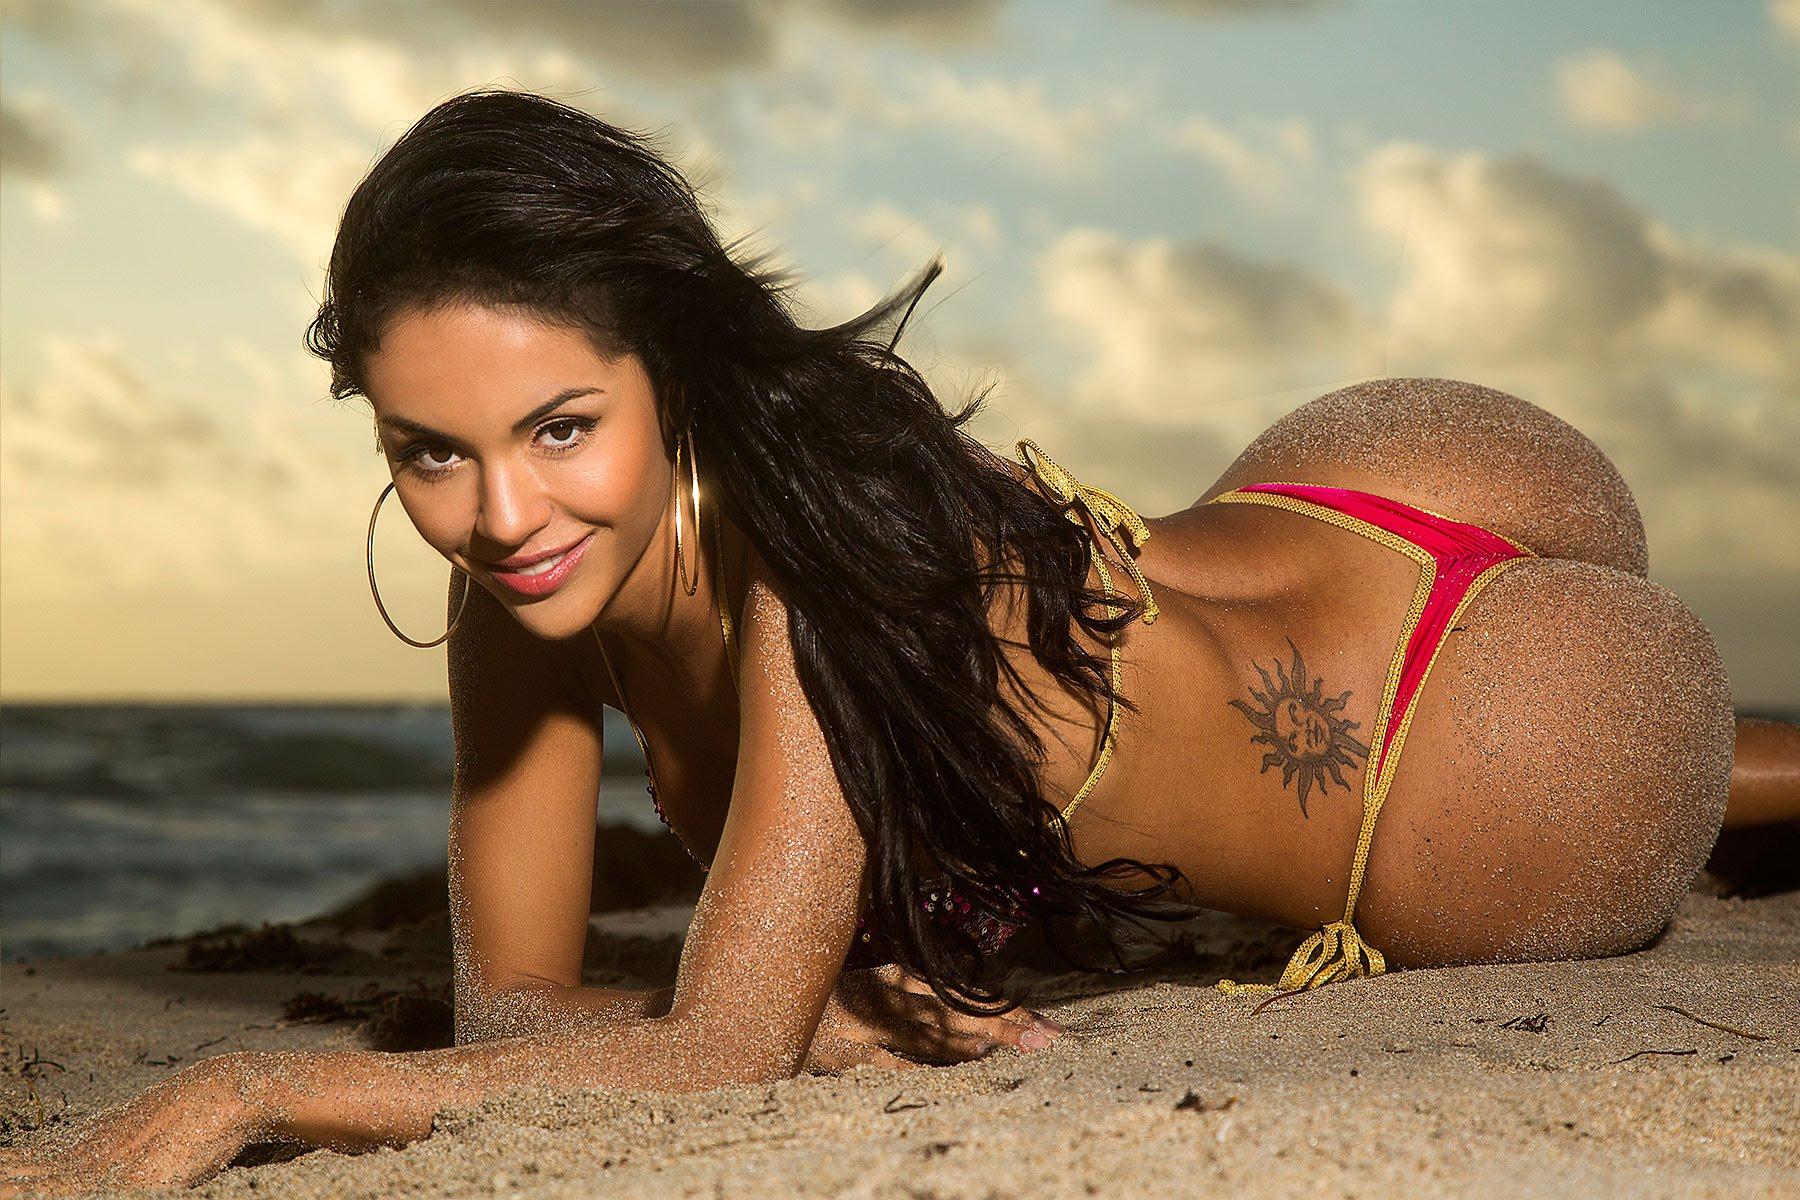 Бразильянки самые горячие женщины